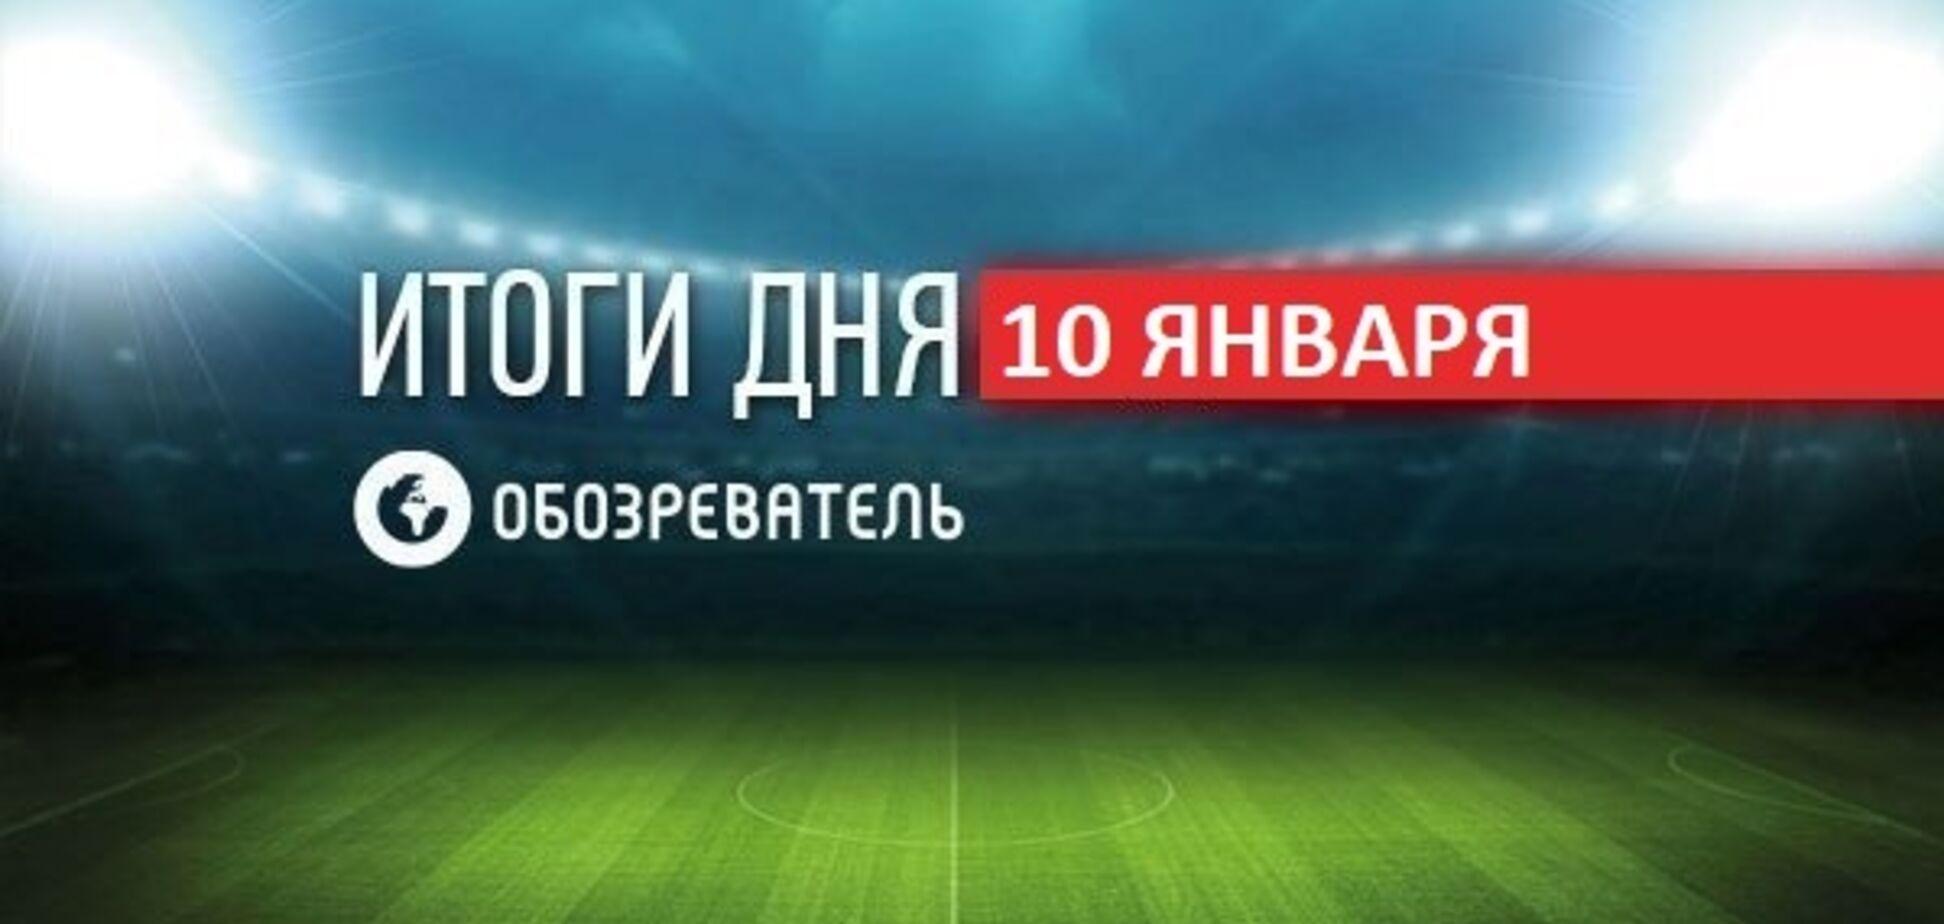 Ломаченко разгневал украинцев: спортивные итоги 10 января